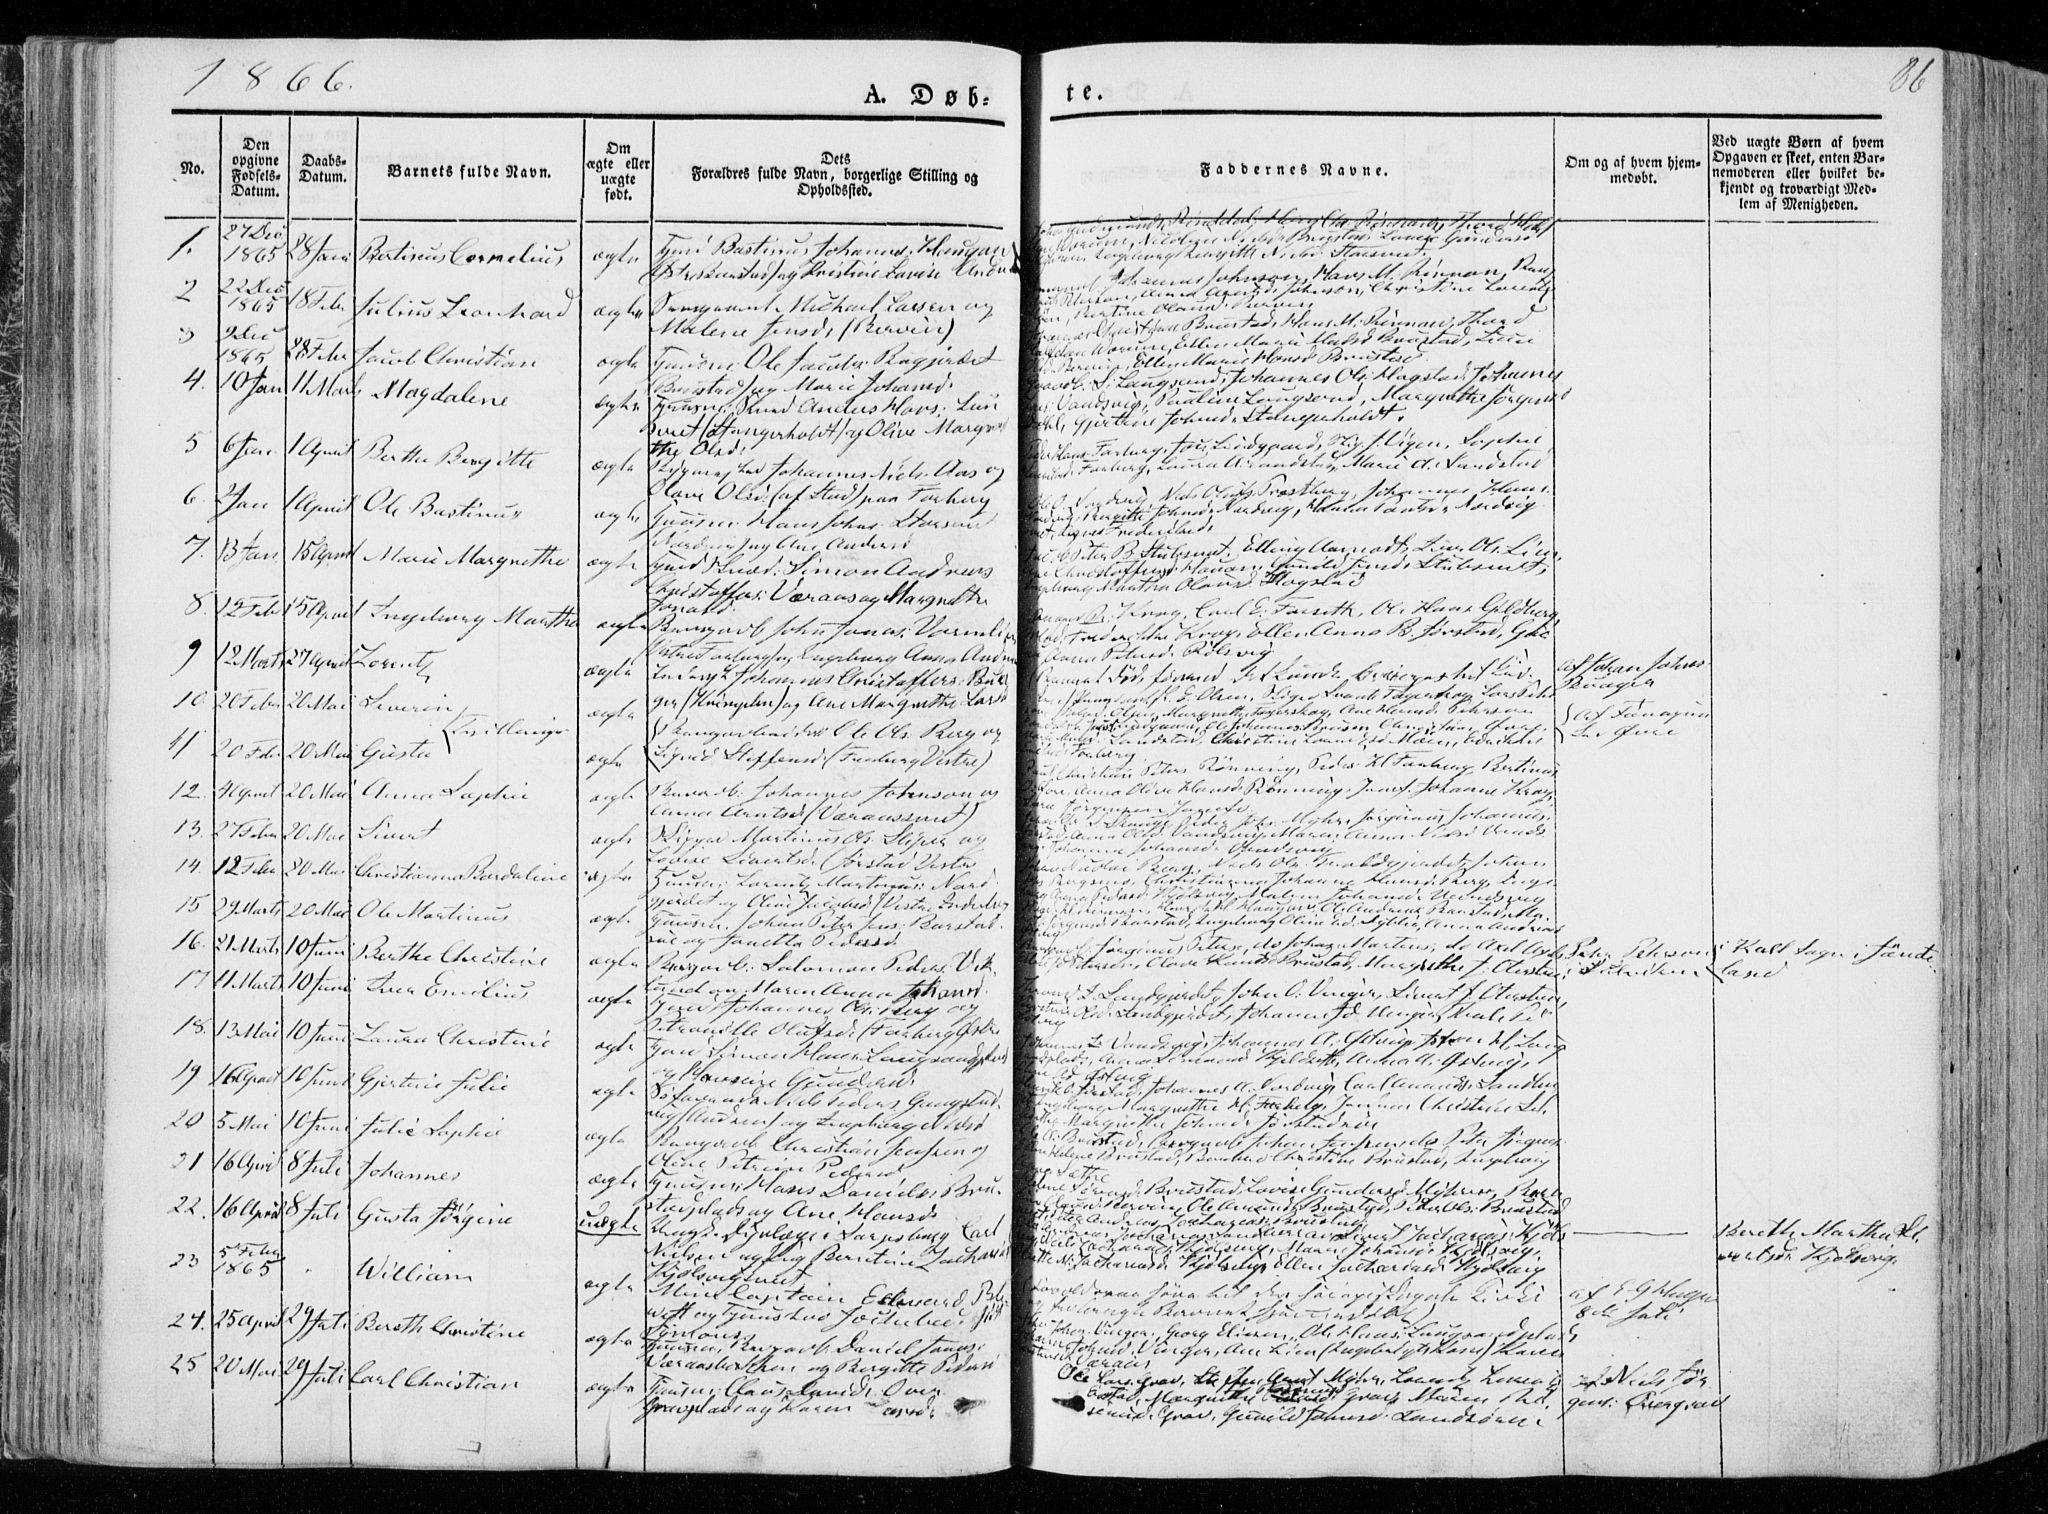 SAT, Ministerialprotokoller, klokkerbøker og fødselsregistre - Nord-Trøndelag, 722/L0218: Ministerialbok nr. 722A05, 1843-1868, s. 86